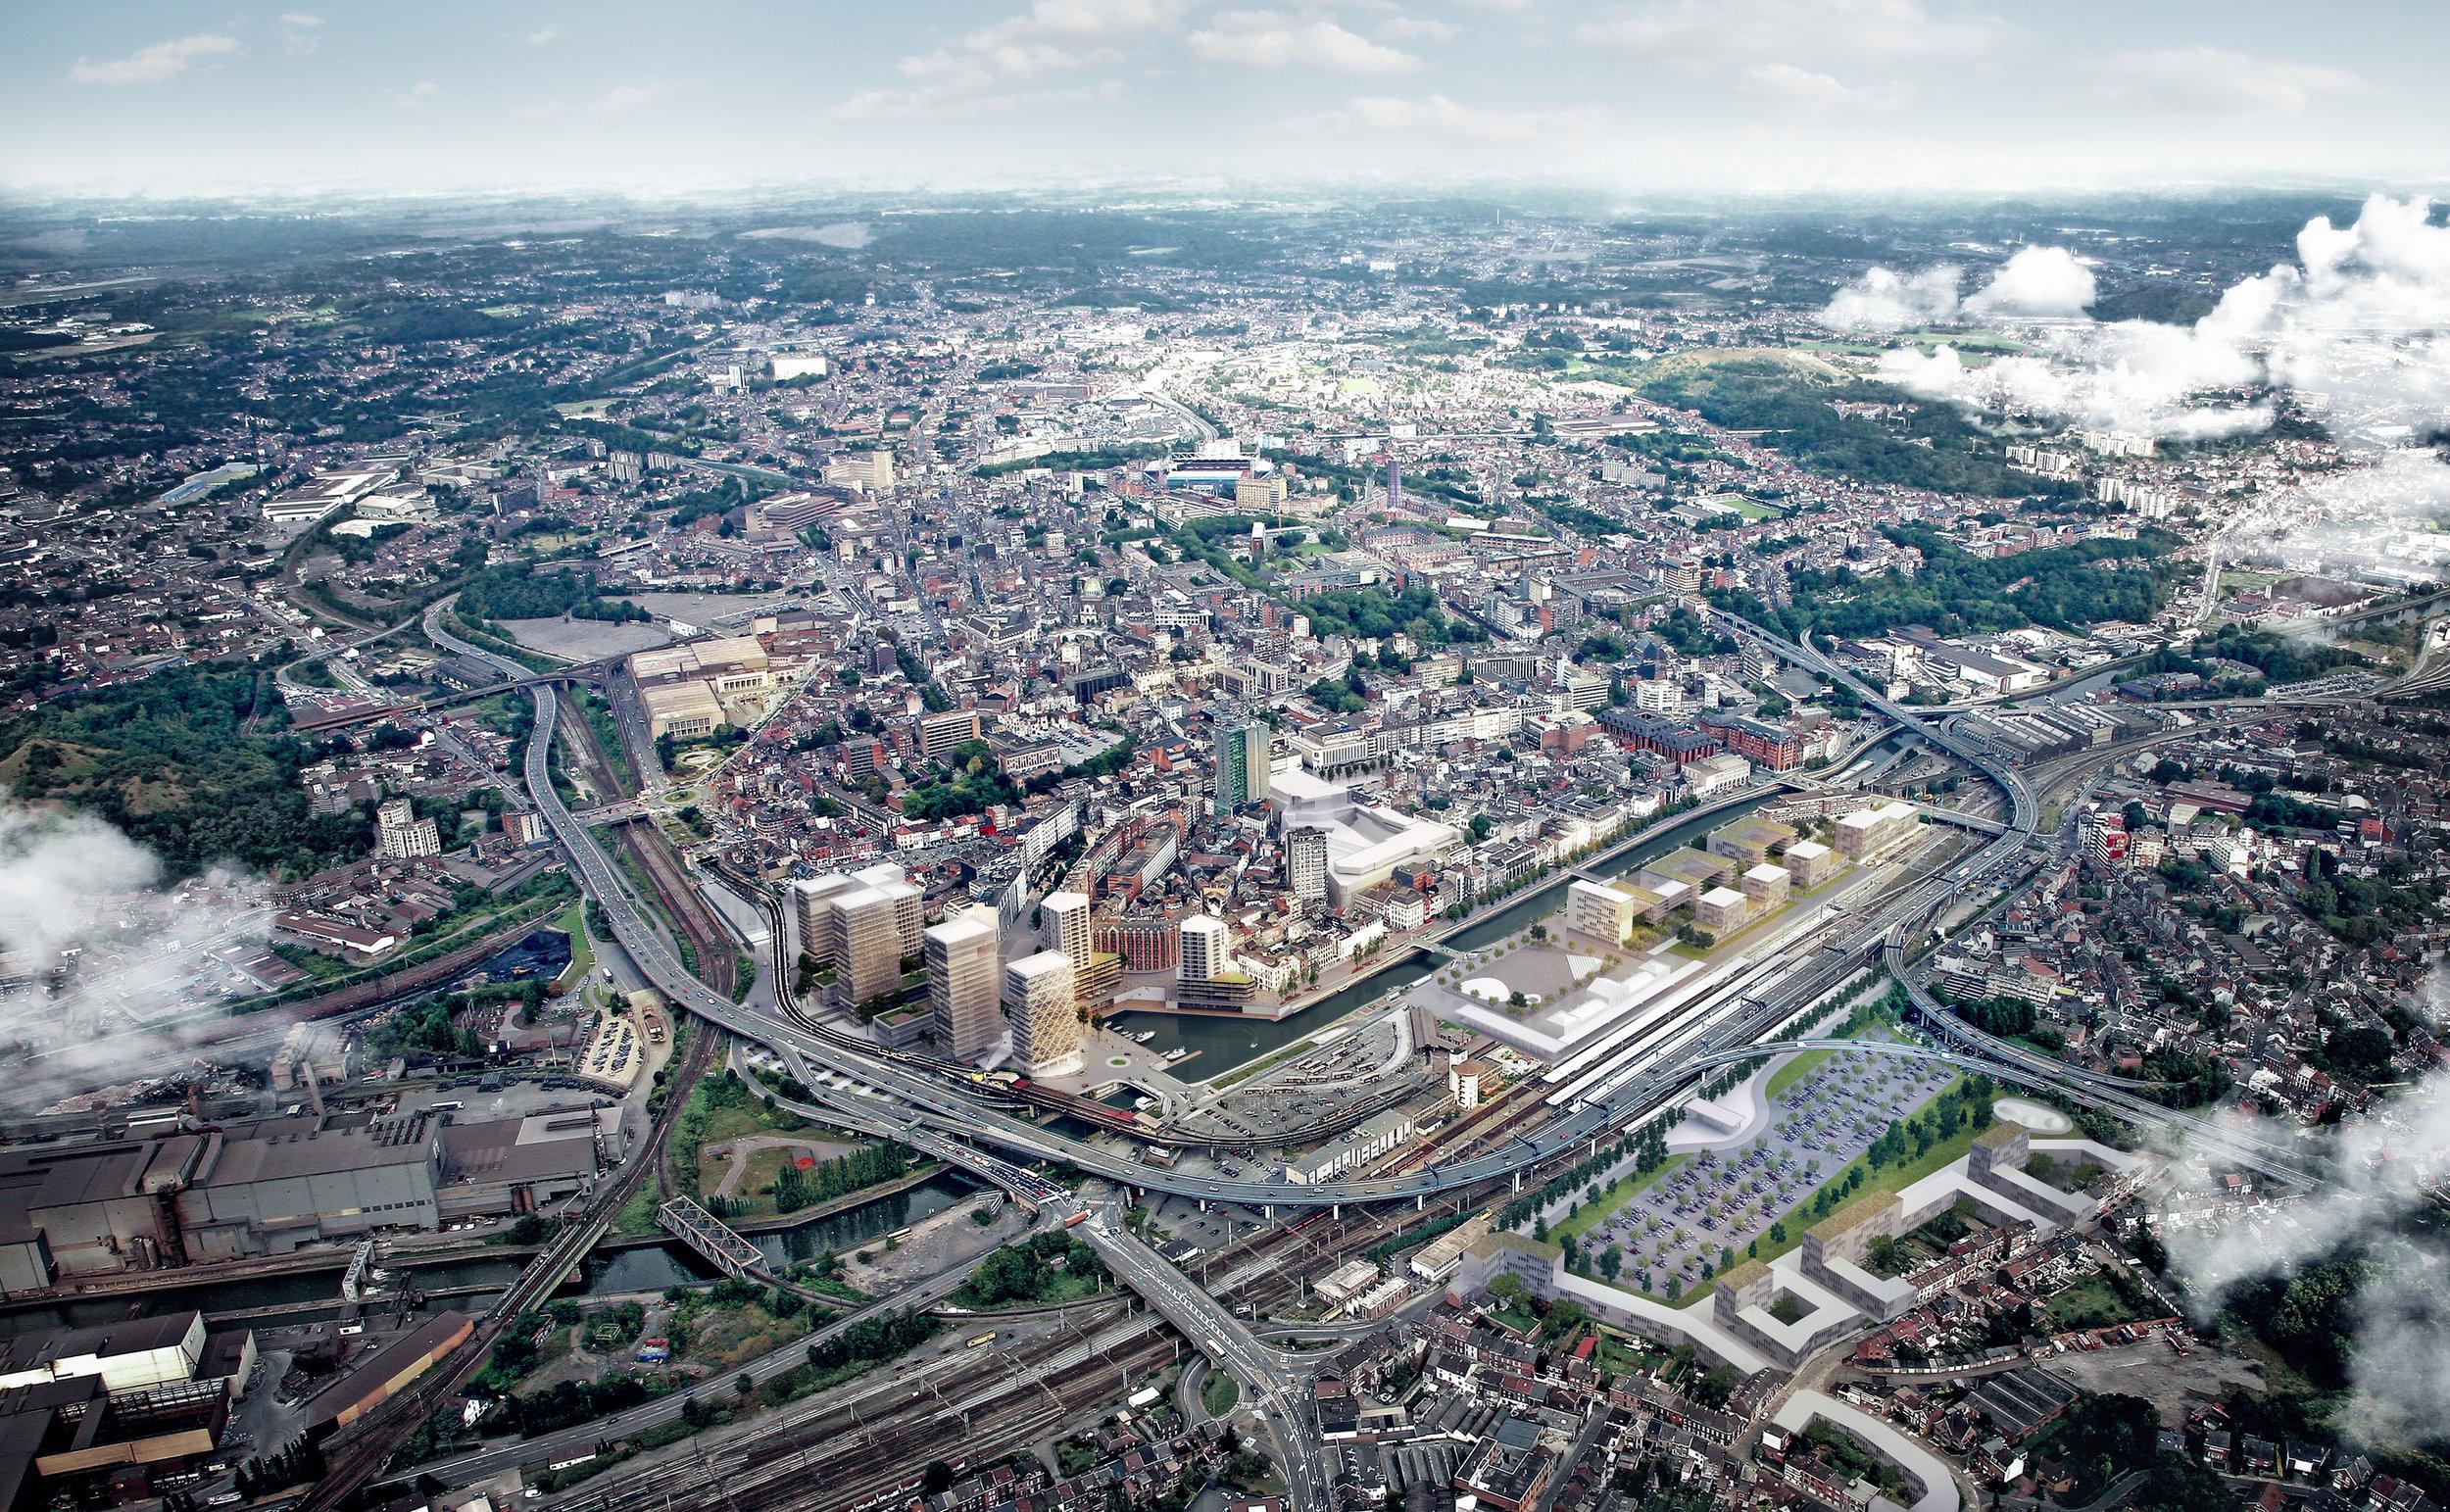 """MASTER """"LES RIVES DE CHARLEROI""""   Le quartier de la gare de Charleroi dévoile son futur visage. Le masterplan, dessiné par le bureau d'architecture et d'urbanisme  MSA , marque l'ambition de la Ville d'étirer les grands projets au delà du centre et de remettre la Sambre au cœur de la Ville-Basse.   + d'informations"""